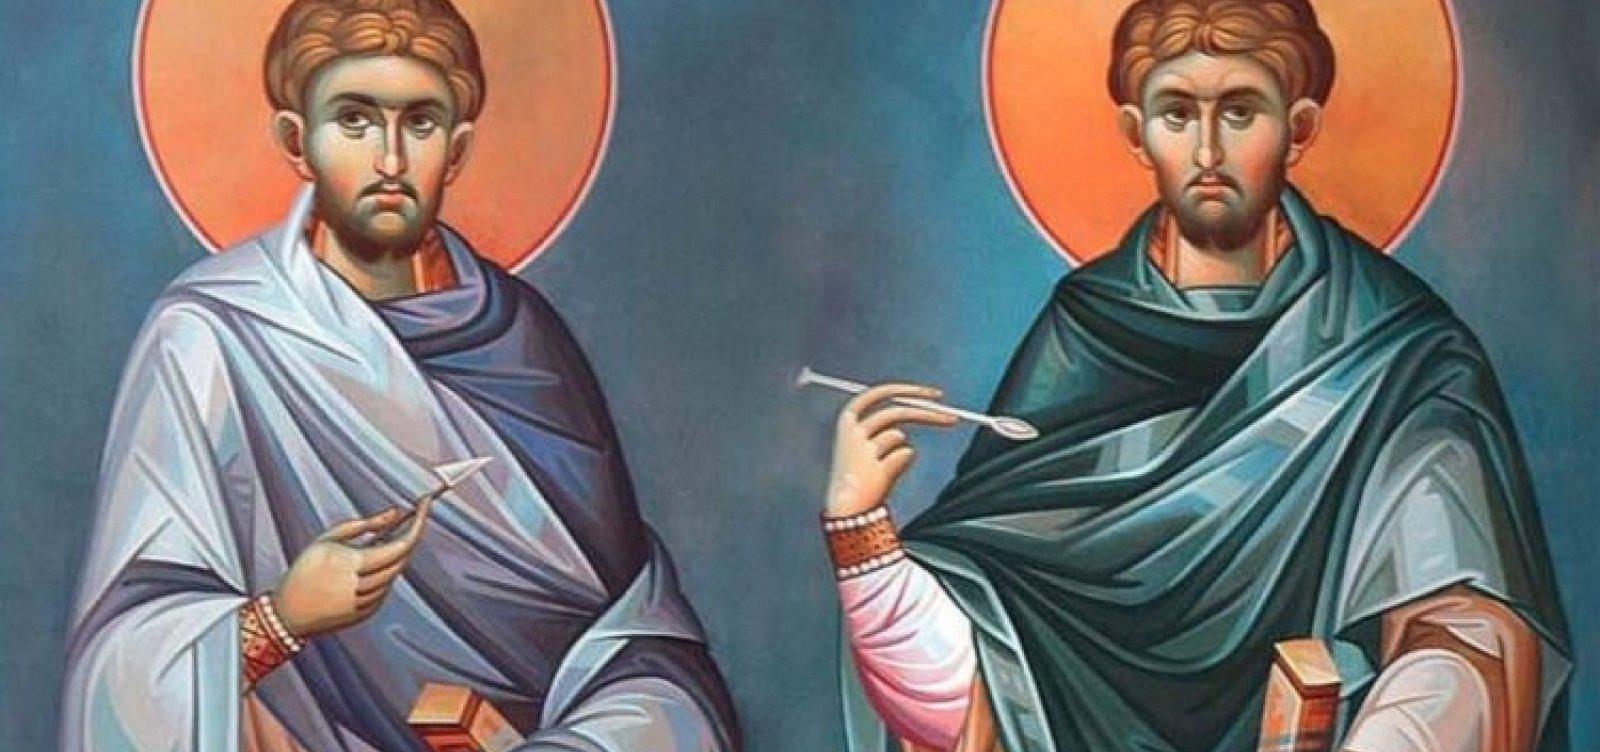 Novenário de celebração aos santos Cosme e Damião acontece na Liberdade a partir desta sexta